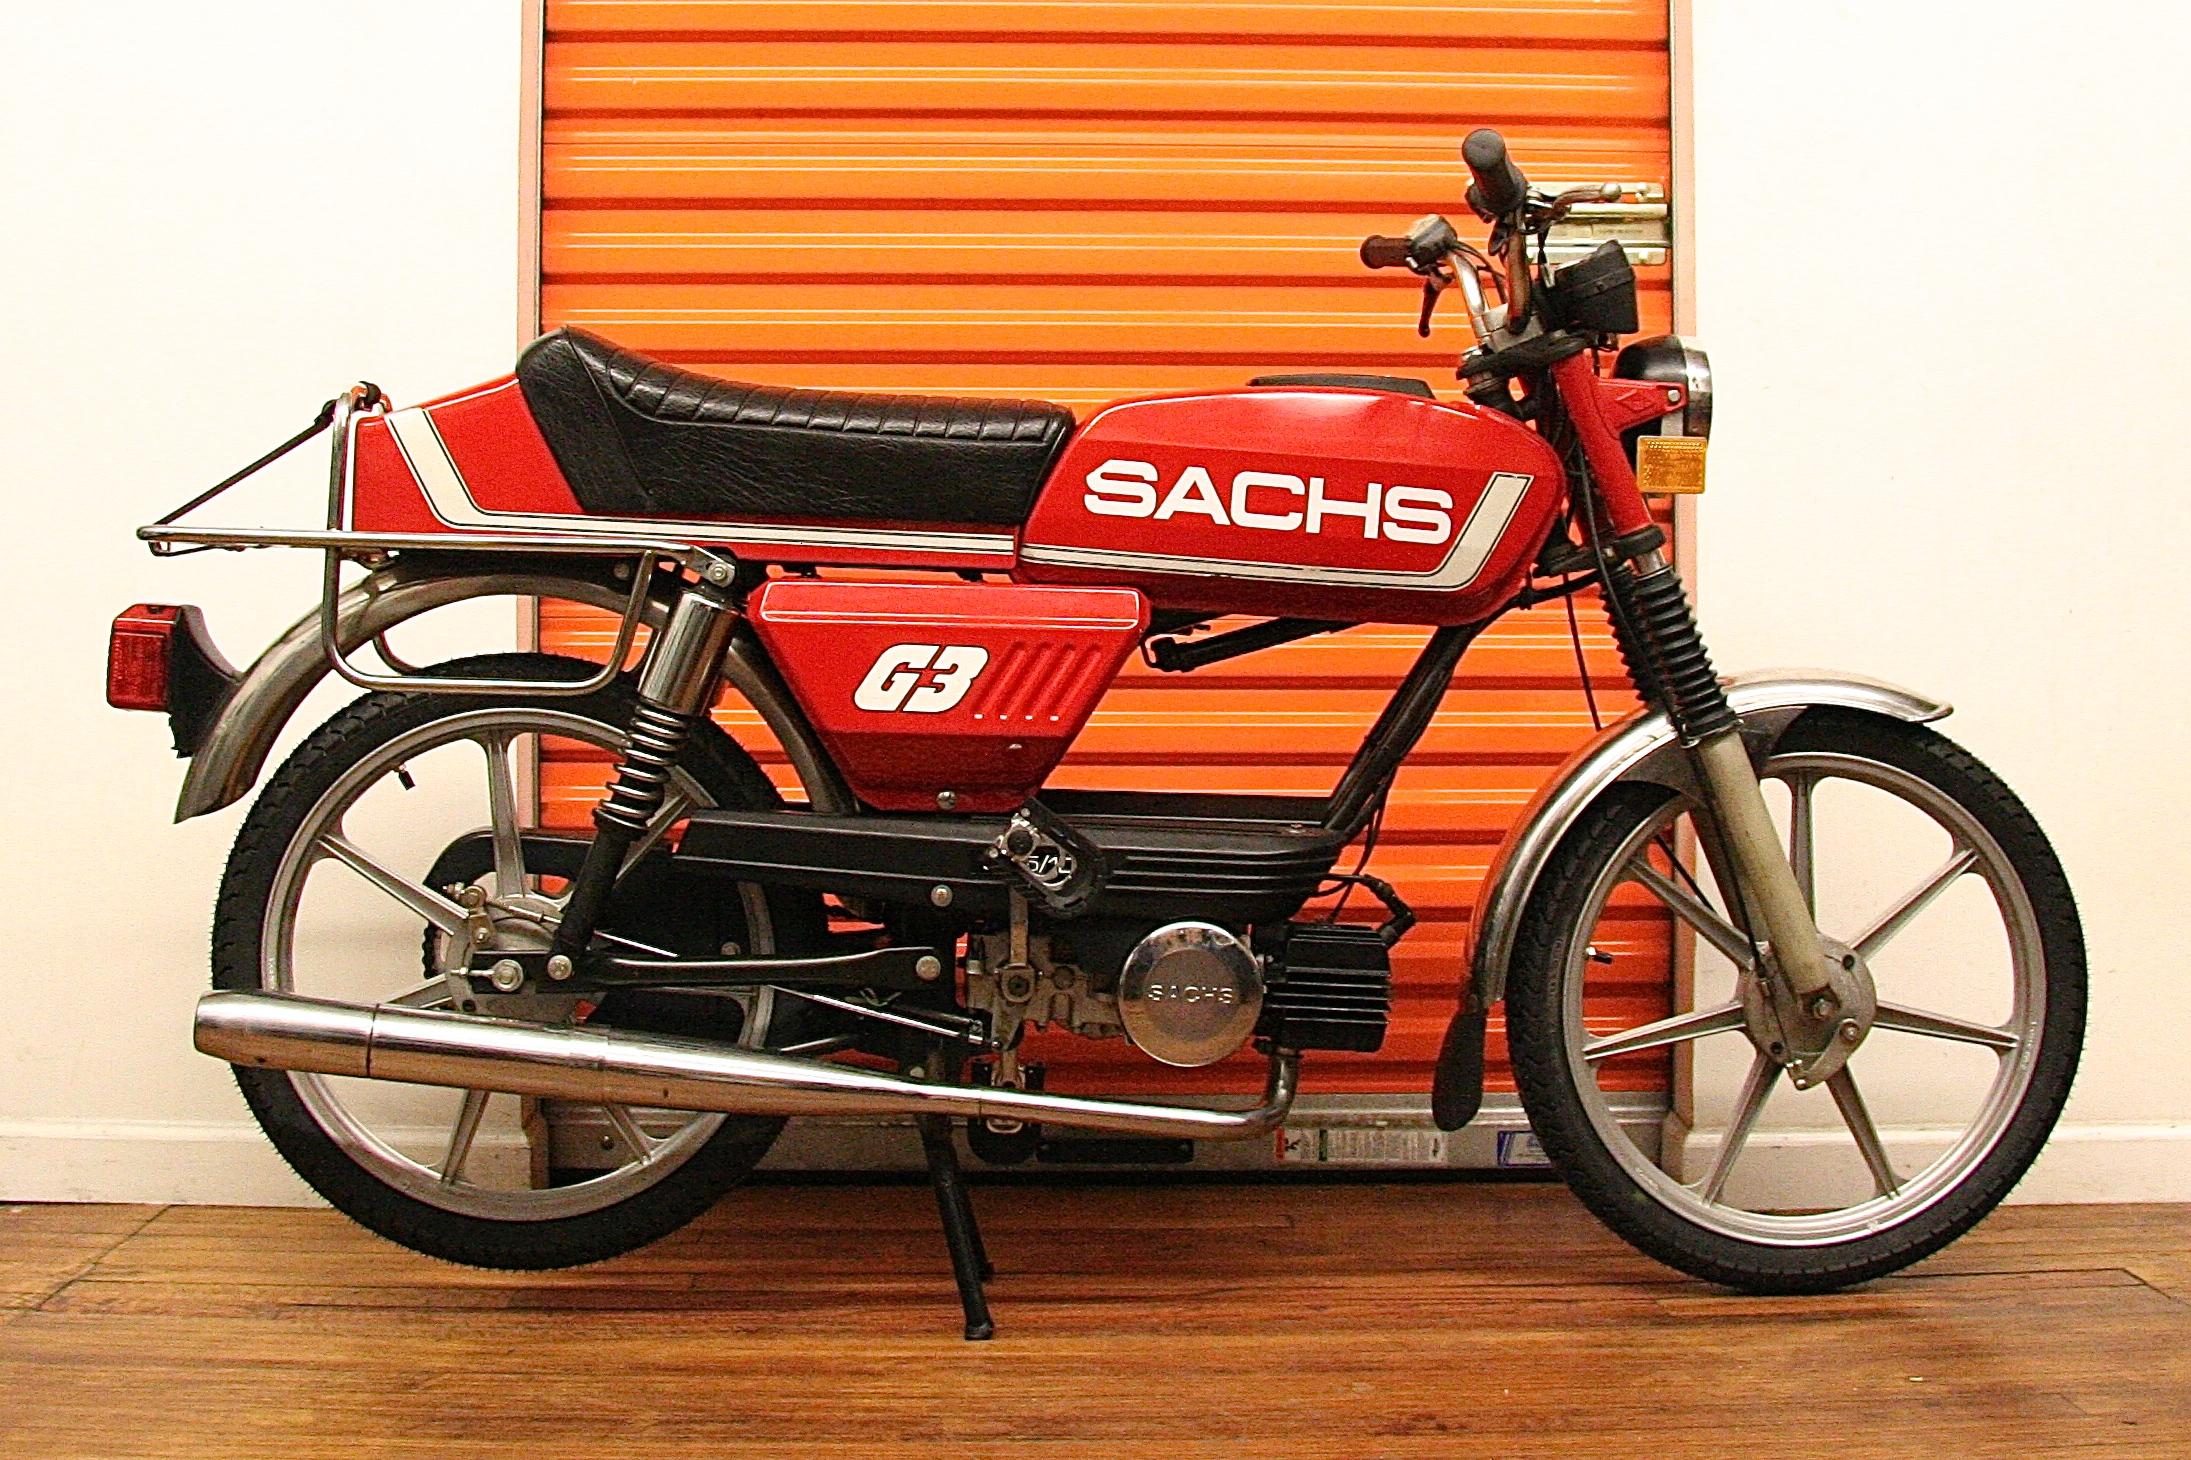 1980 Sachs G3